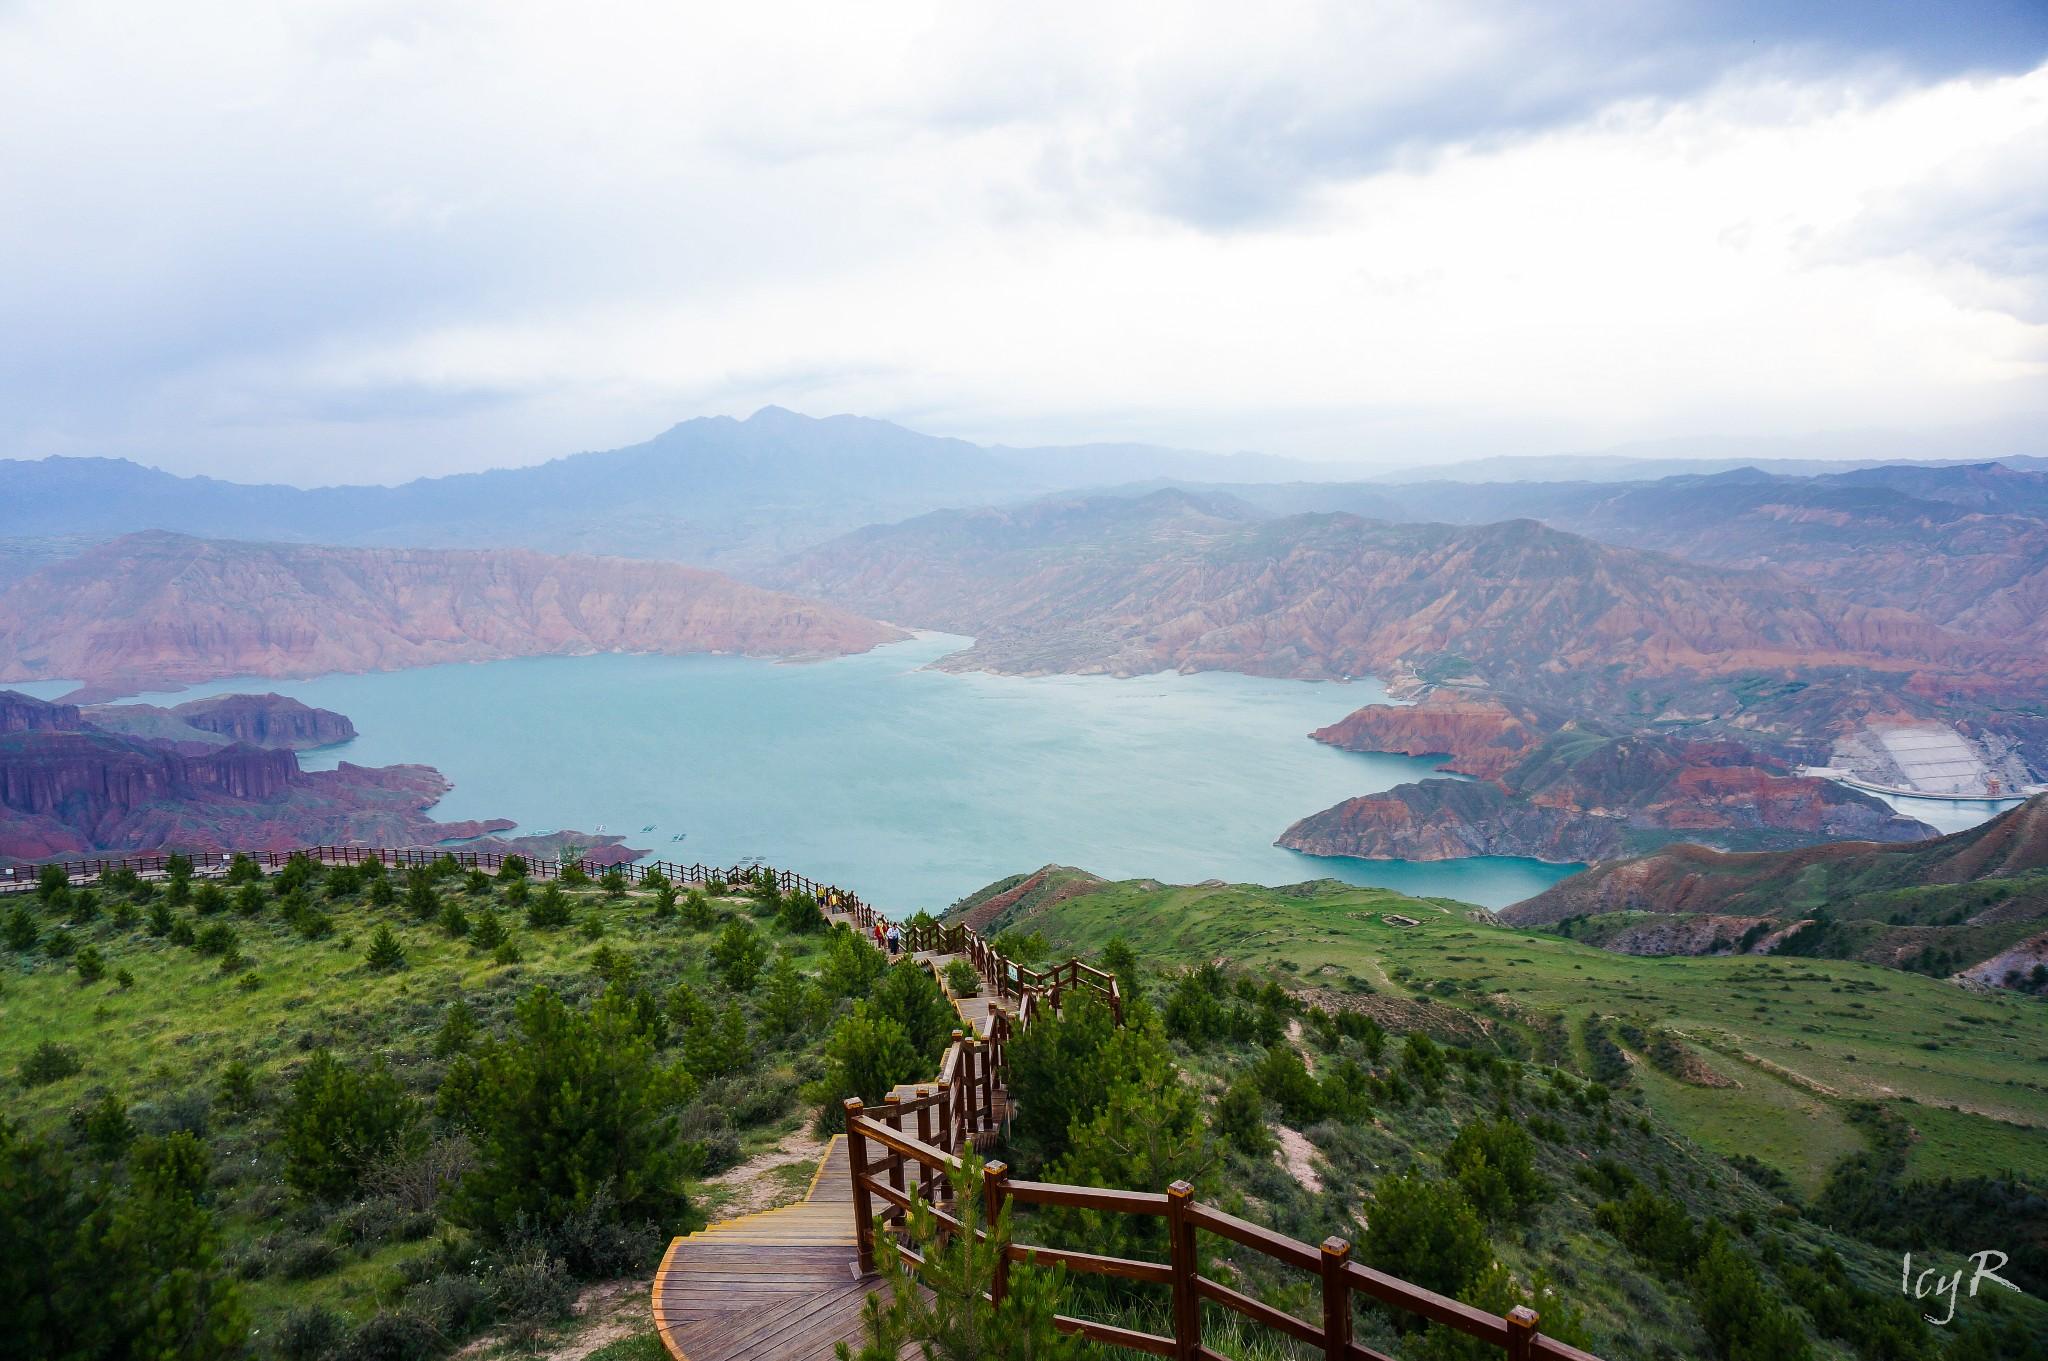 QingHai KanBuLa national park